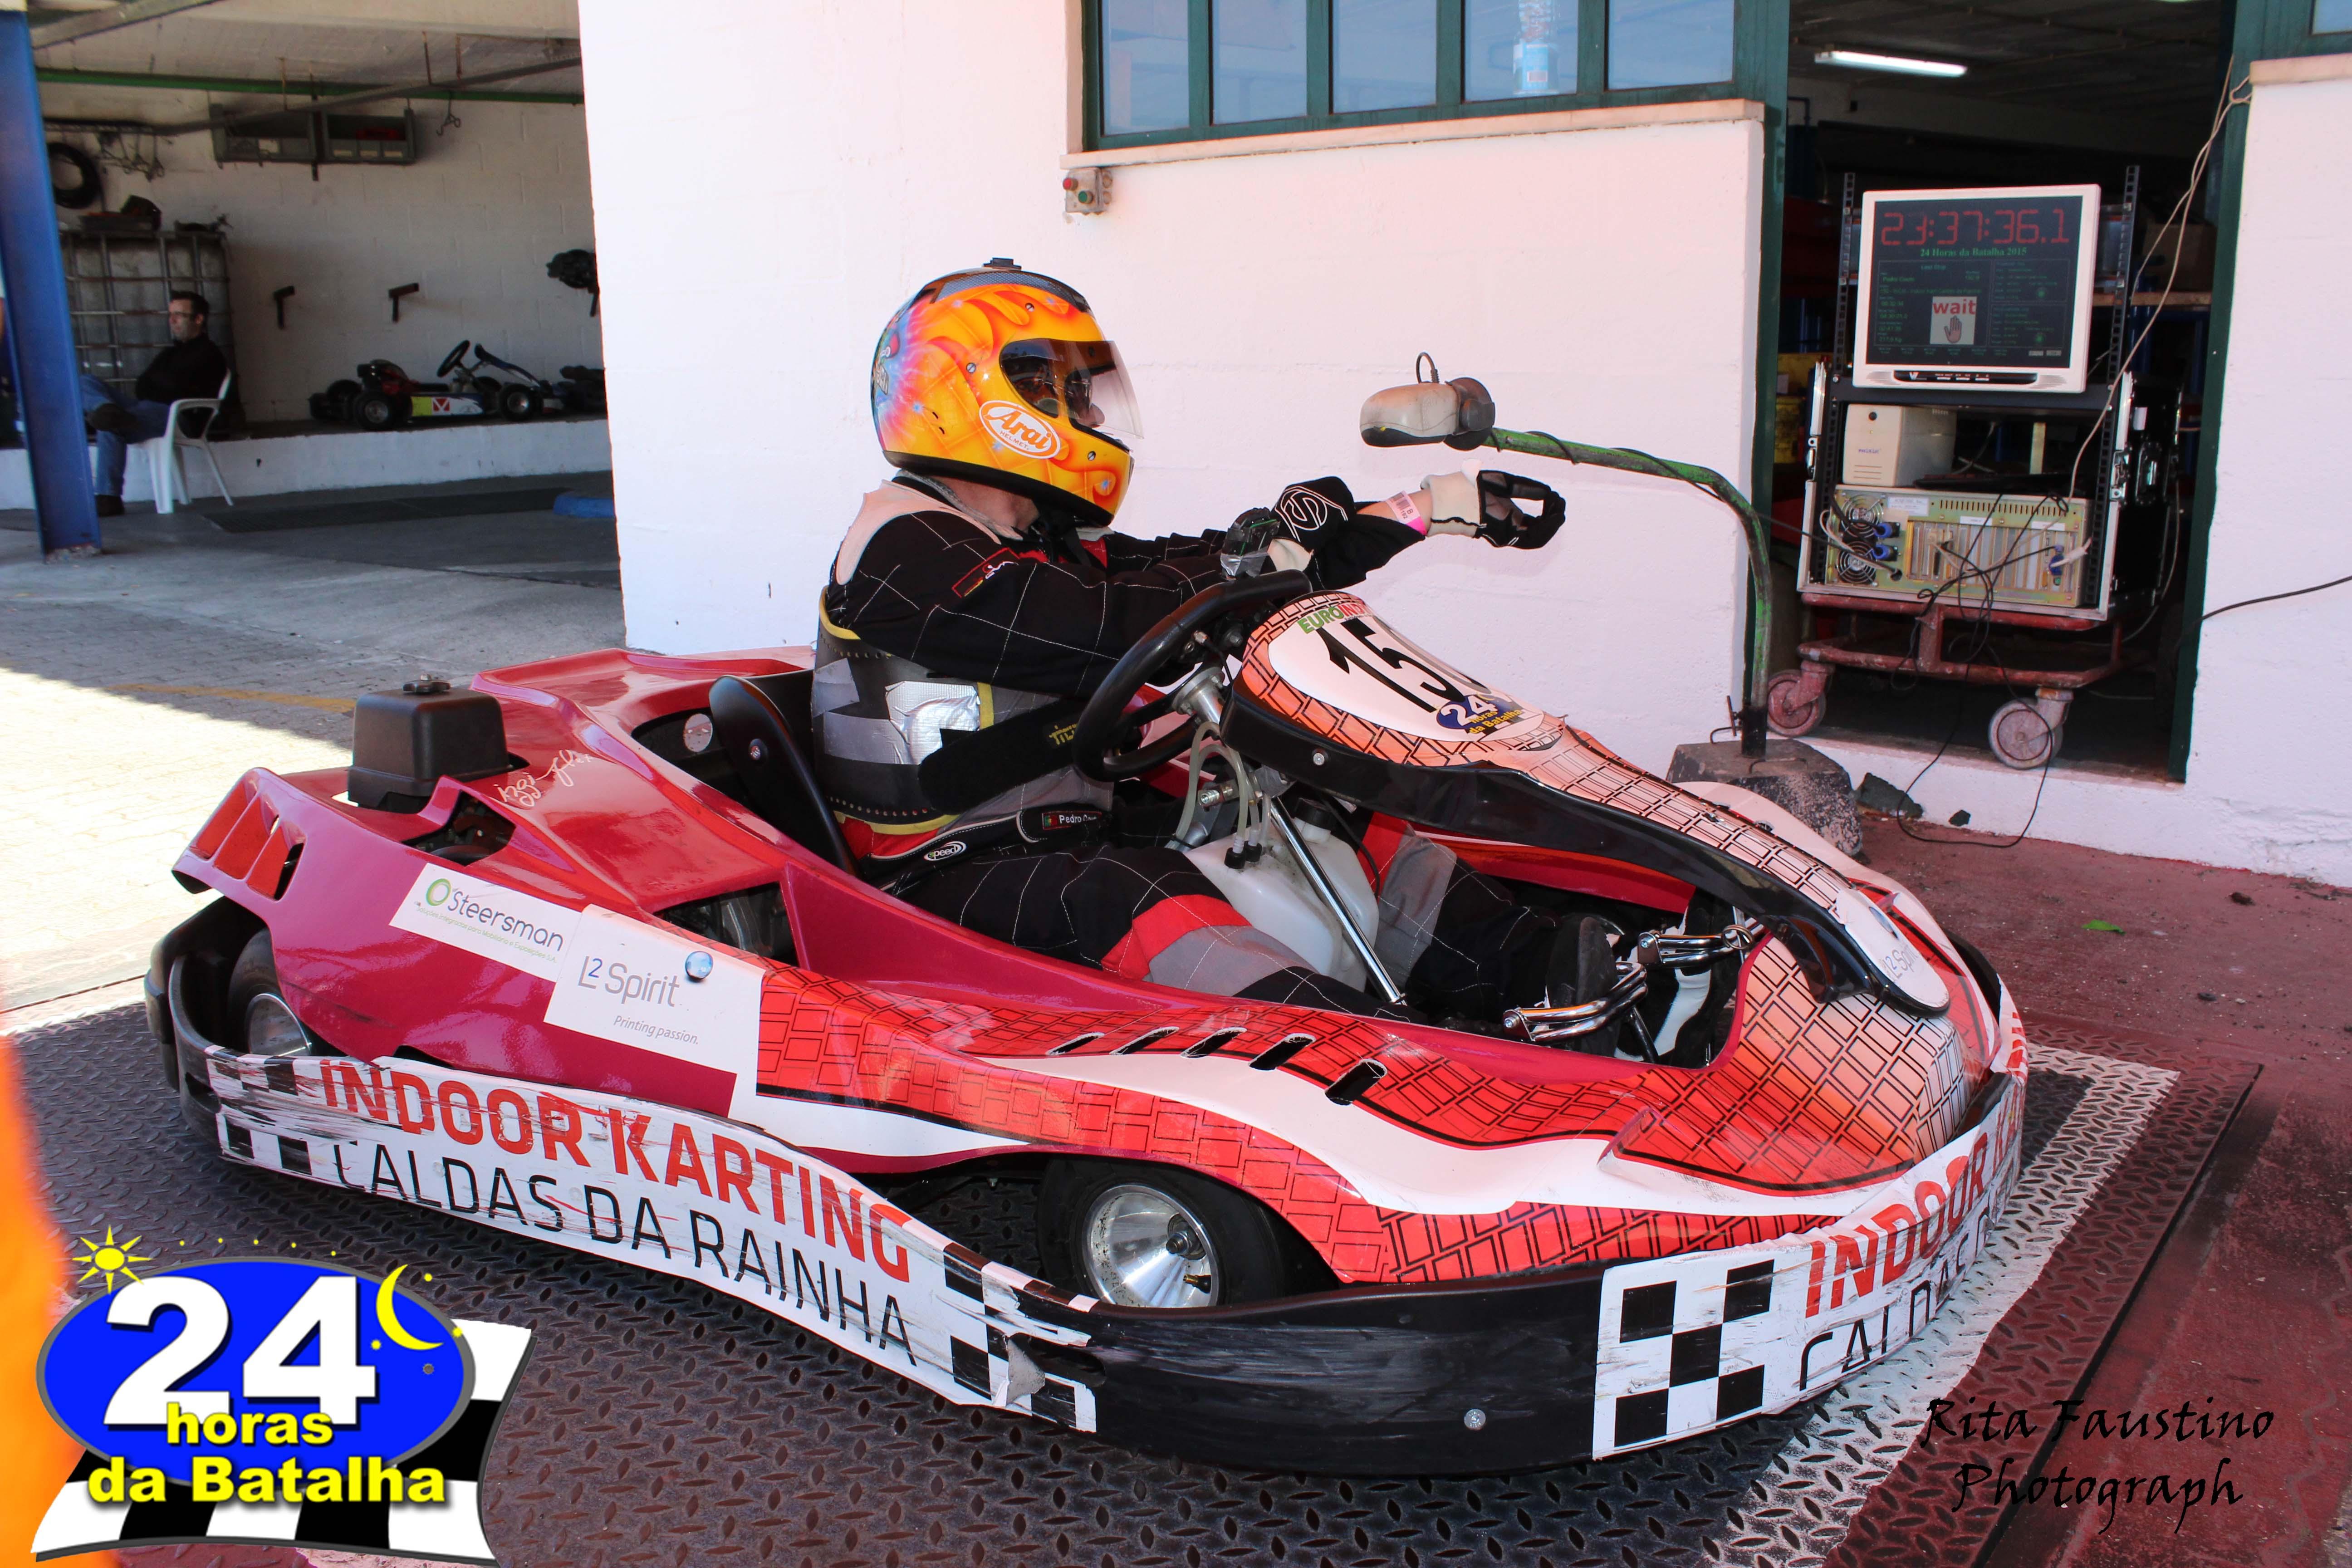 24 Horas da Batalha 2015 - Troca de pilotos125